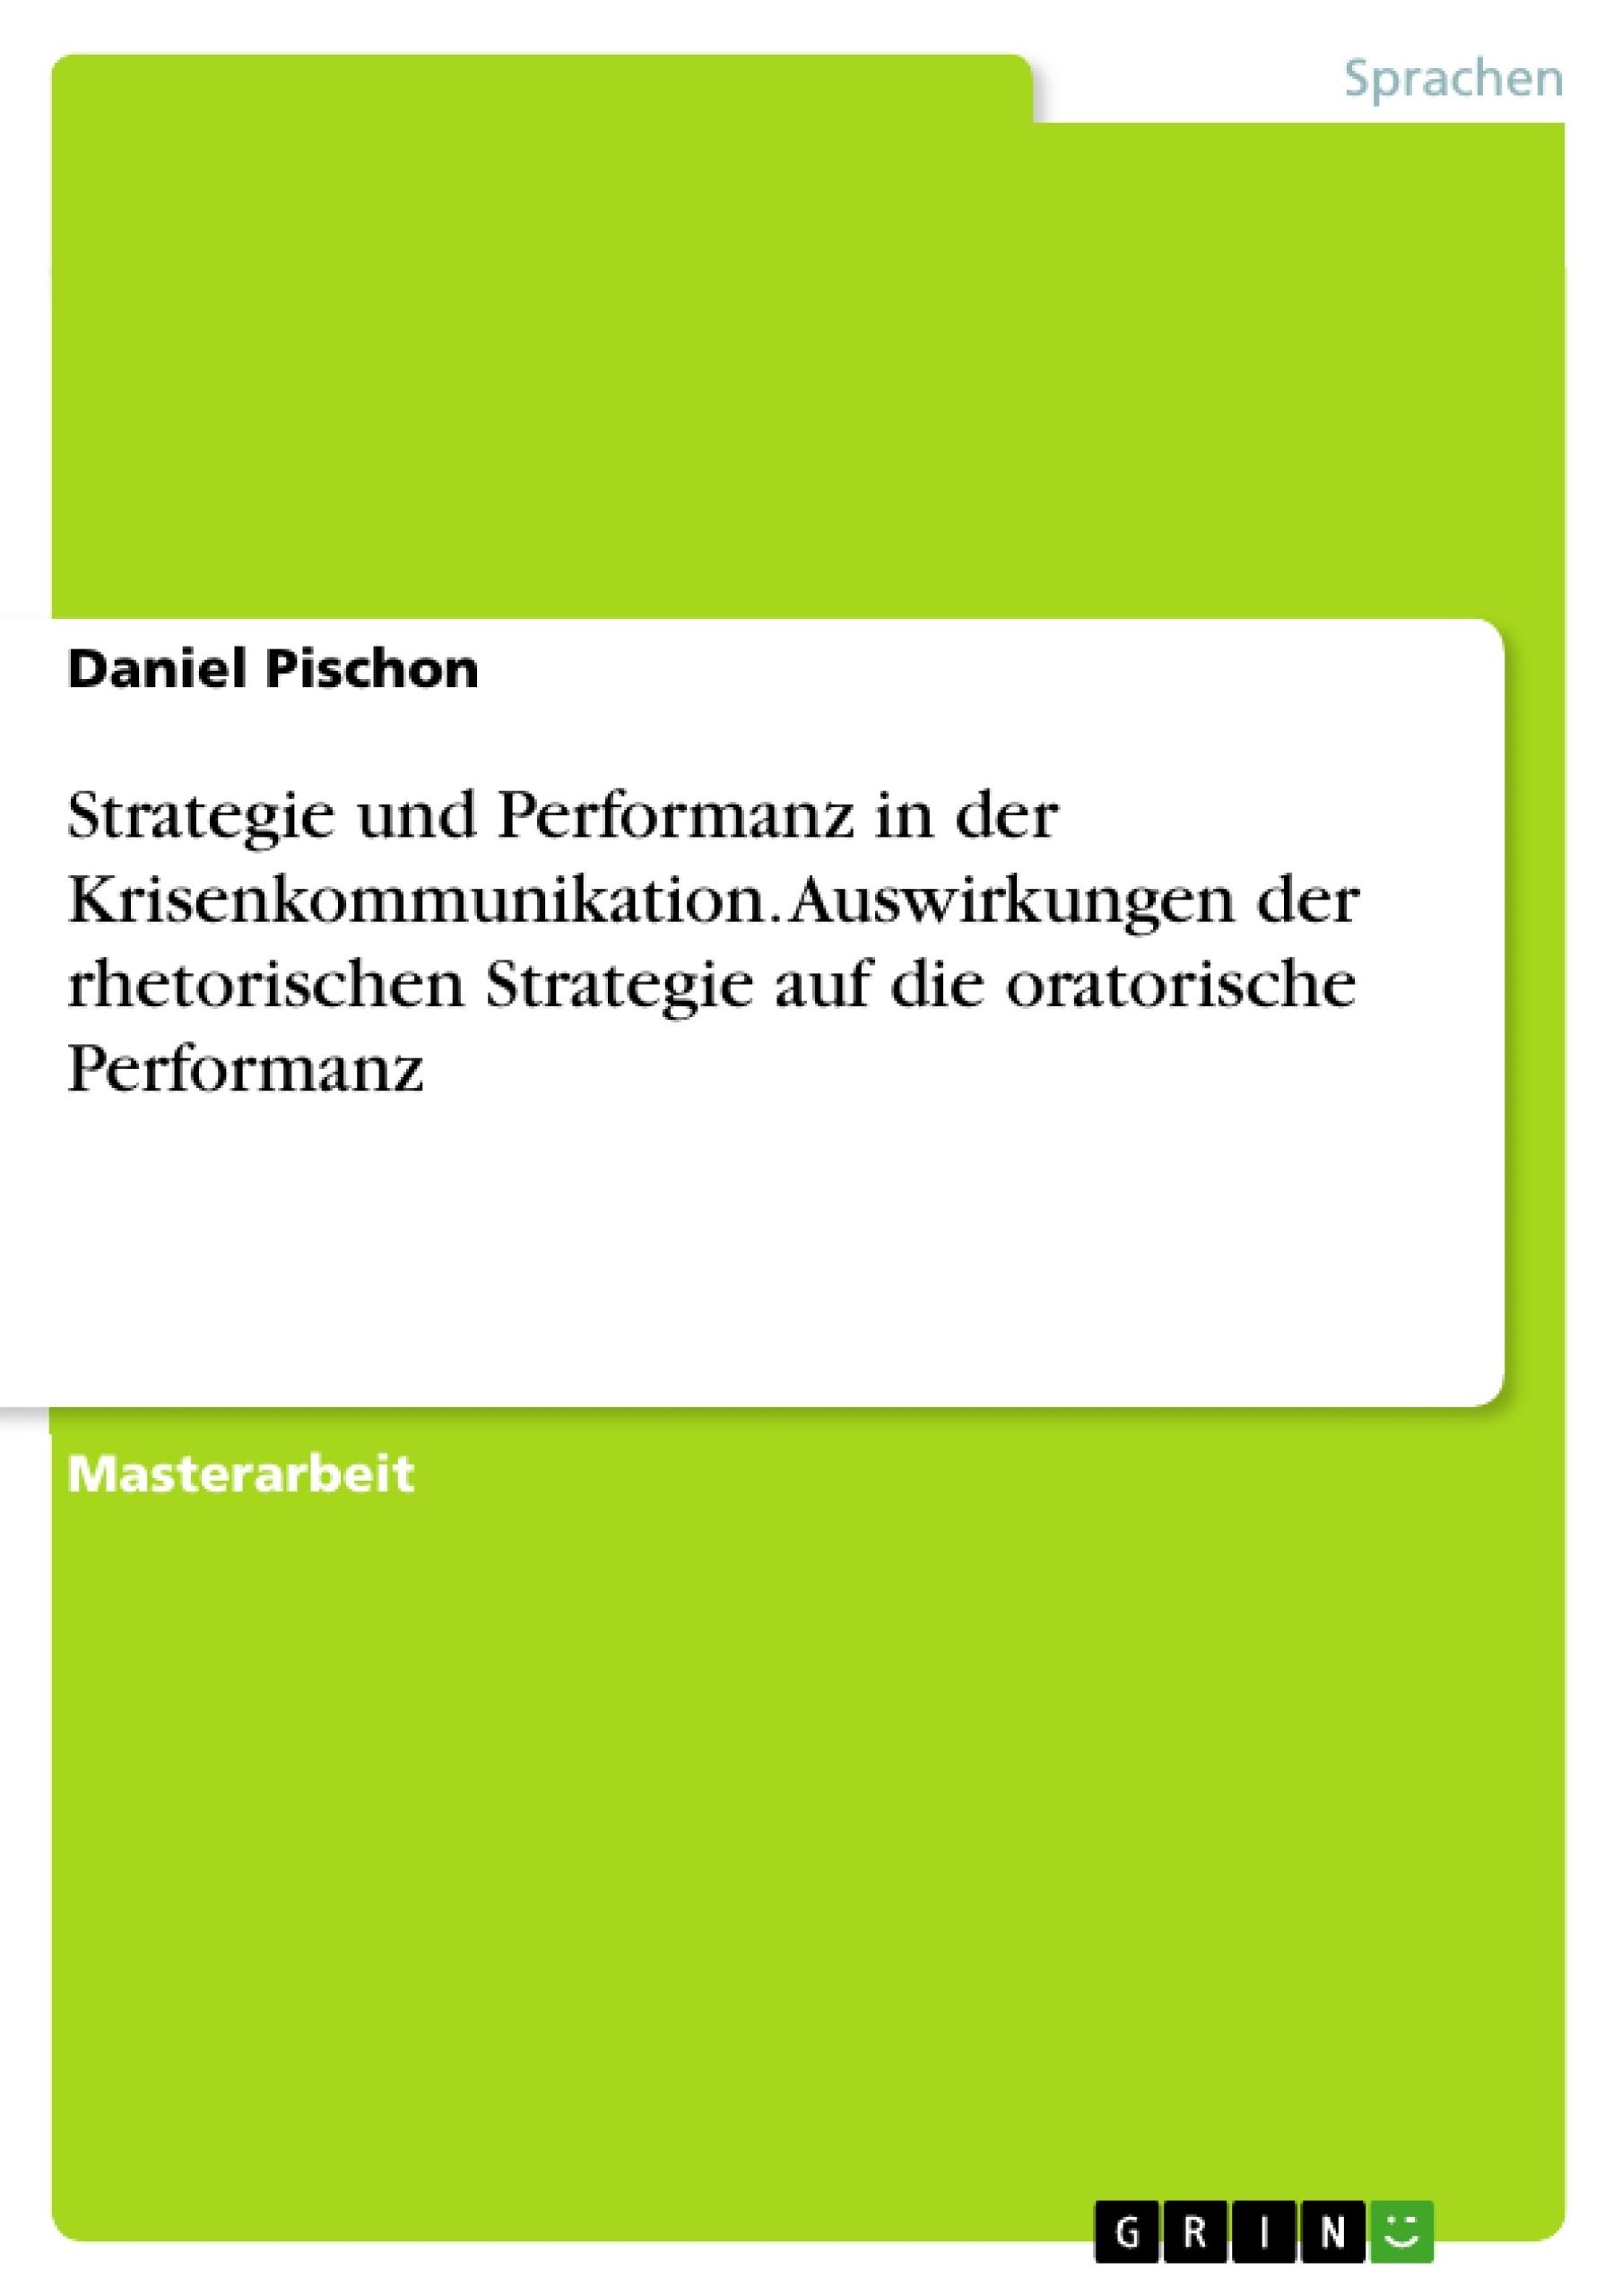 Titel: Strategie und Performanz in der Krisenkommunikation. Auswirkungen der rhetorischen Strategie auf die oratorische Performanz